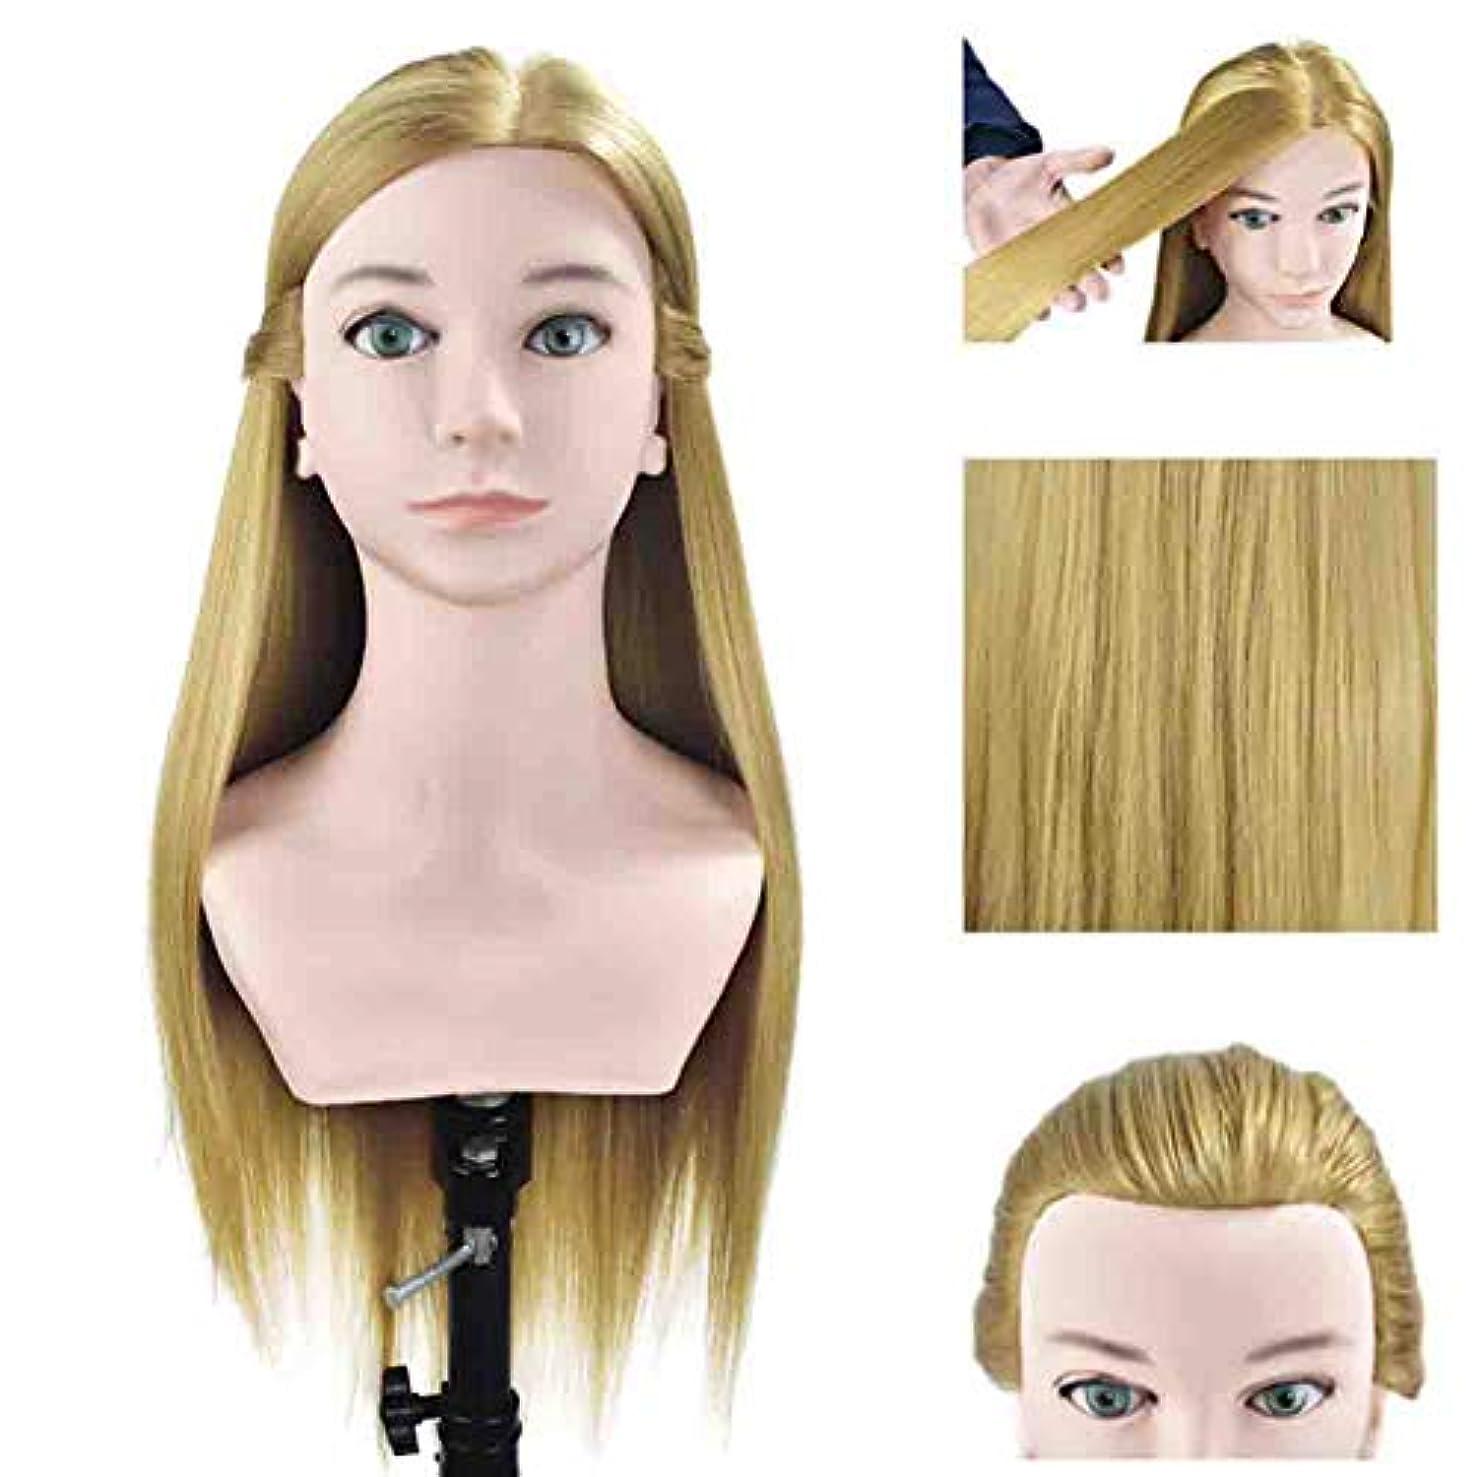 サービスめまいがワイド理髪店パーマ髪染め練習かつらヘッドモデルリアルヘアマネキンヘッド化粧散髪練習ダミーヘッド